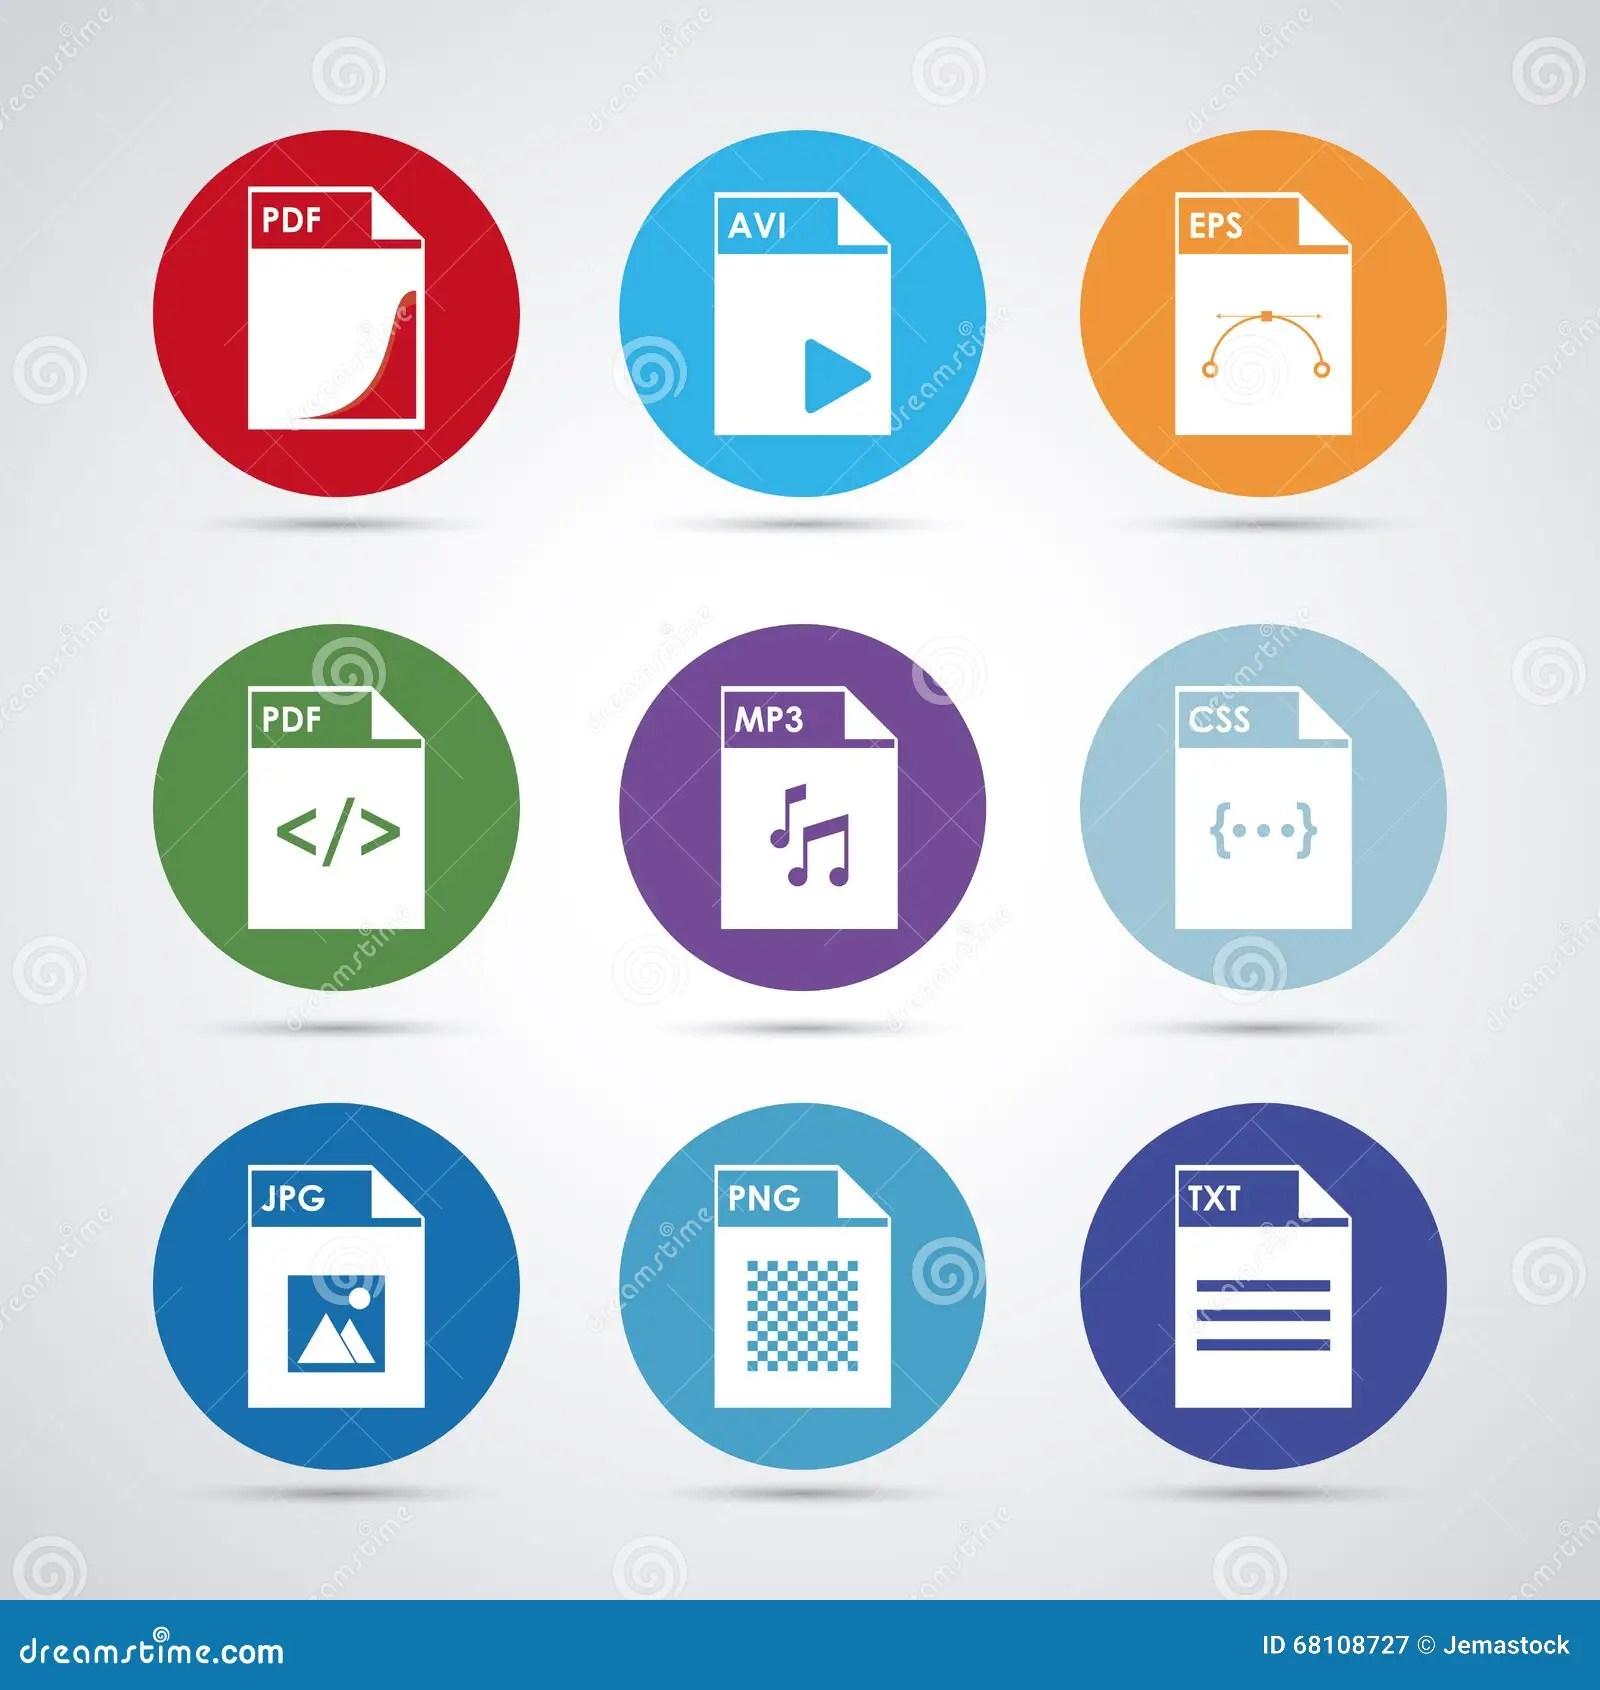 Spreadsheet icon design stock vector. Illustration of analytics ...